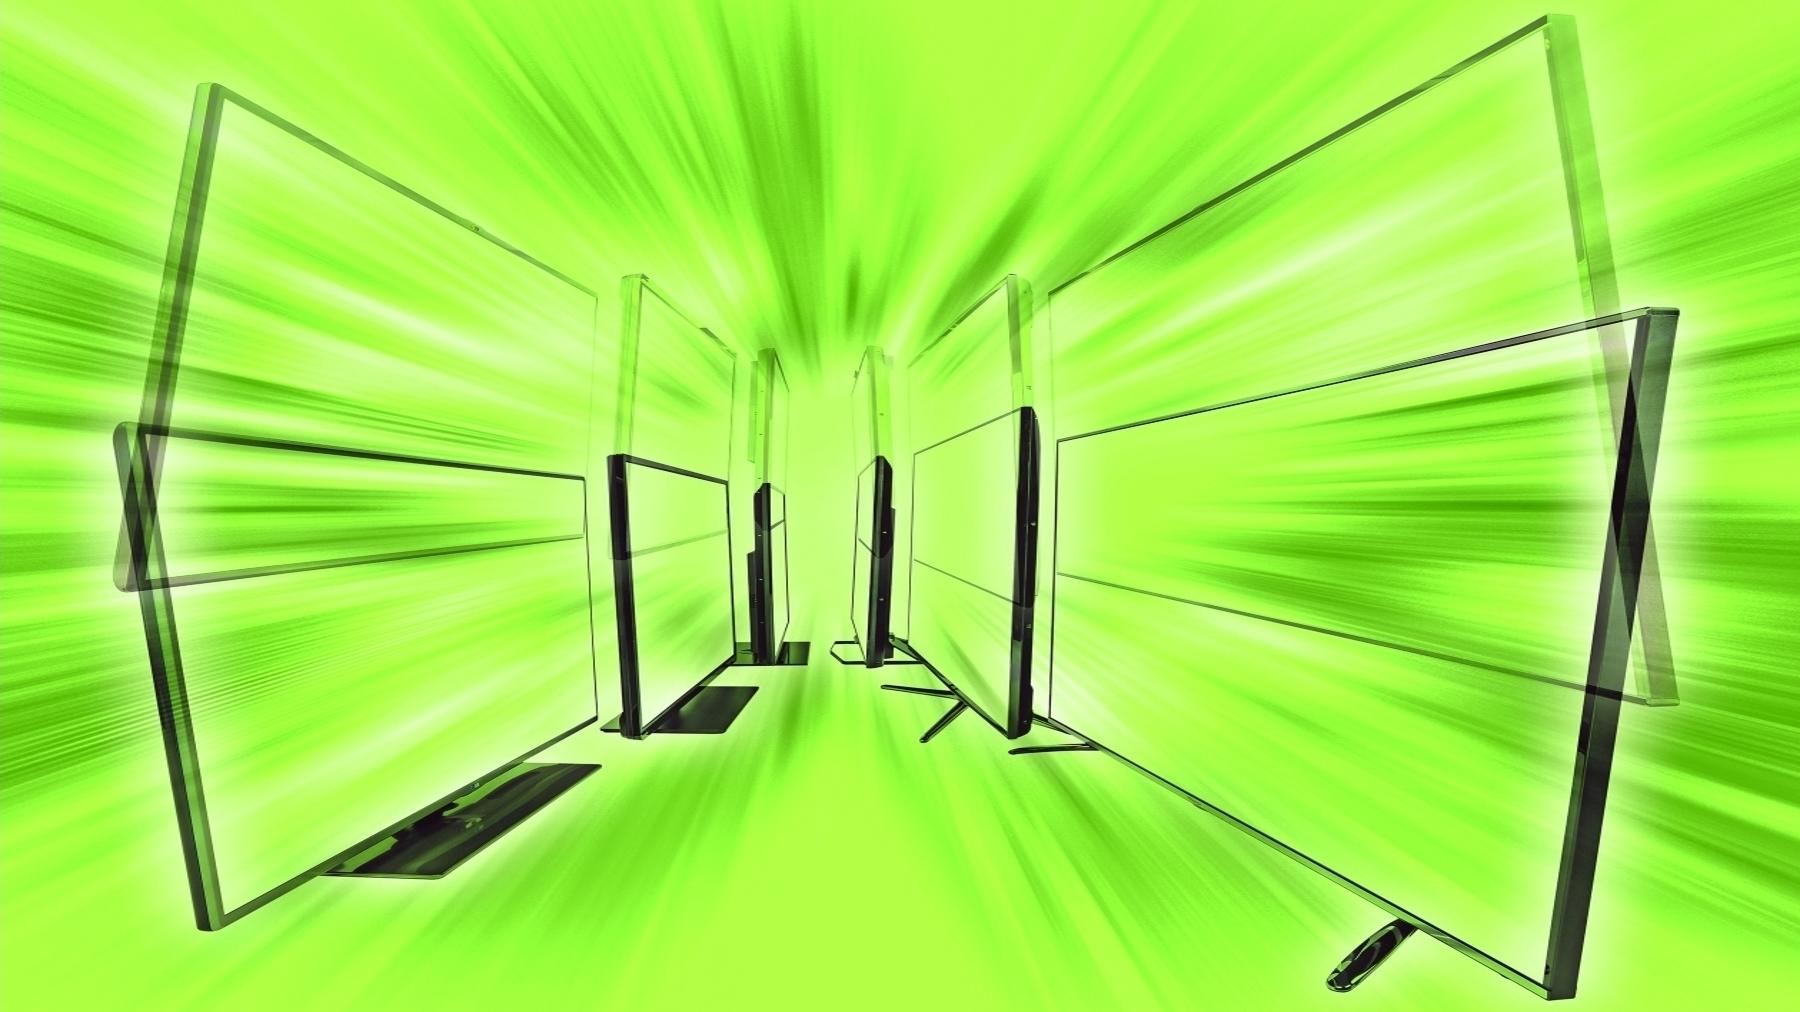 Das Richtige Sofa Furs Wohnzimmer Auswahlen Nutzliche Kauftipps ...   Das  Modulare Mobelsystem Docks